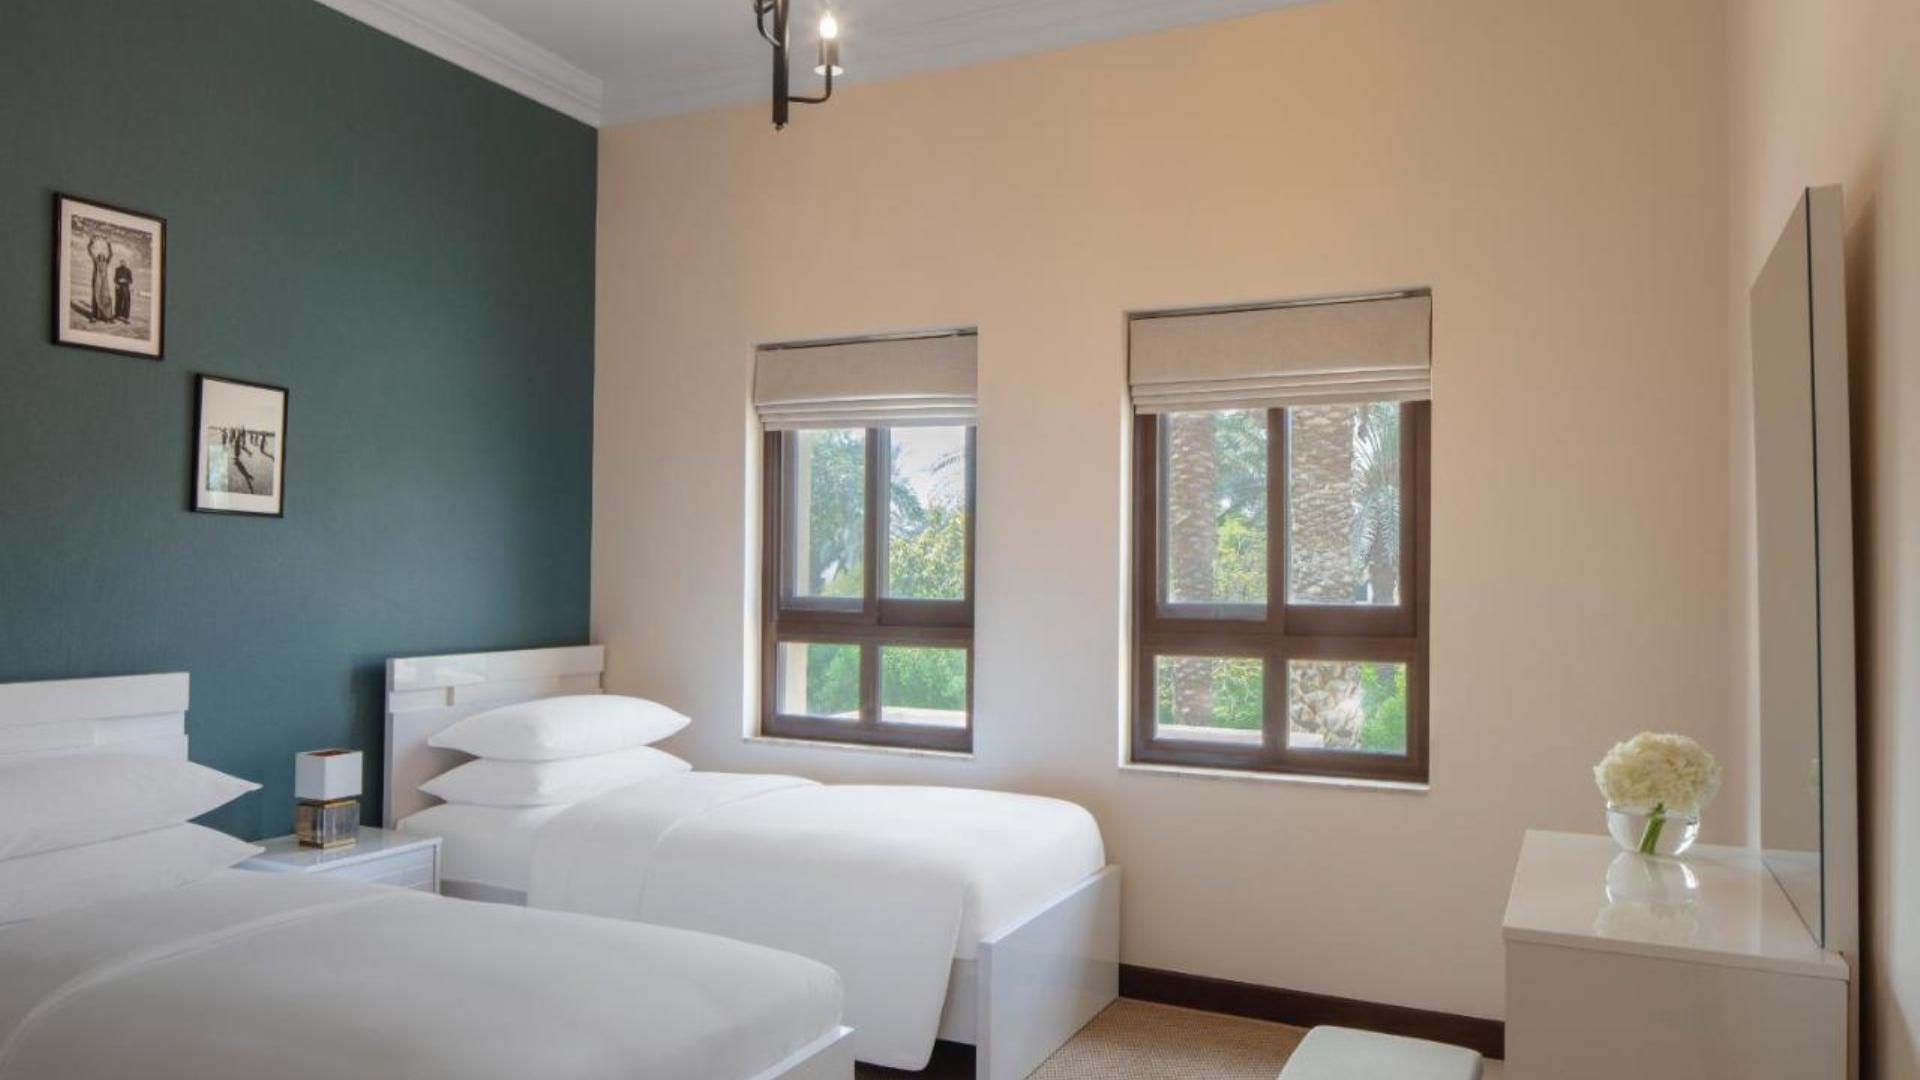 Villa en venta en Dubai, EAU, 3 dormitorios, 272 m2, № 24143 – foto 2